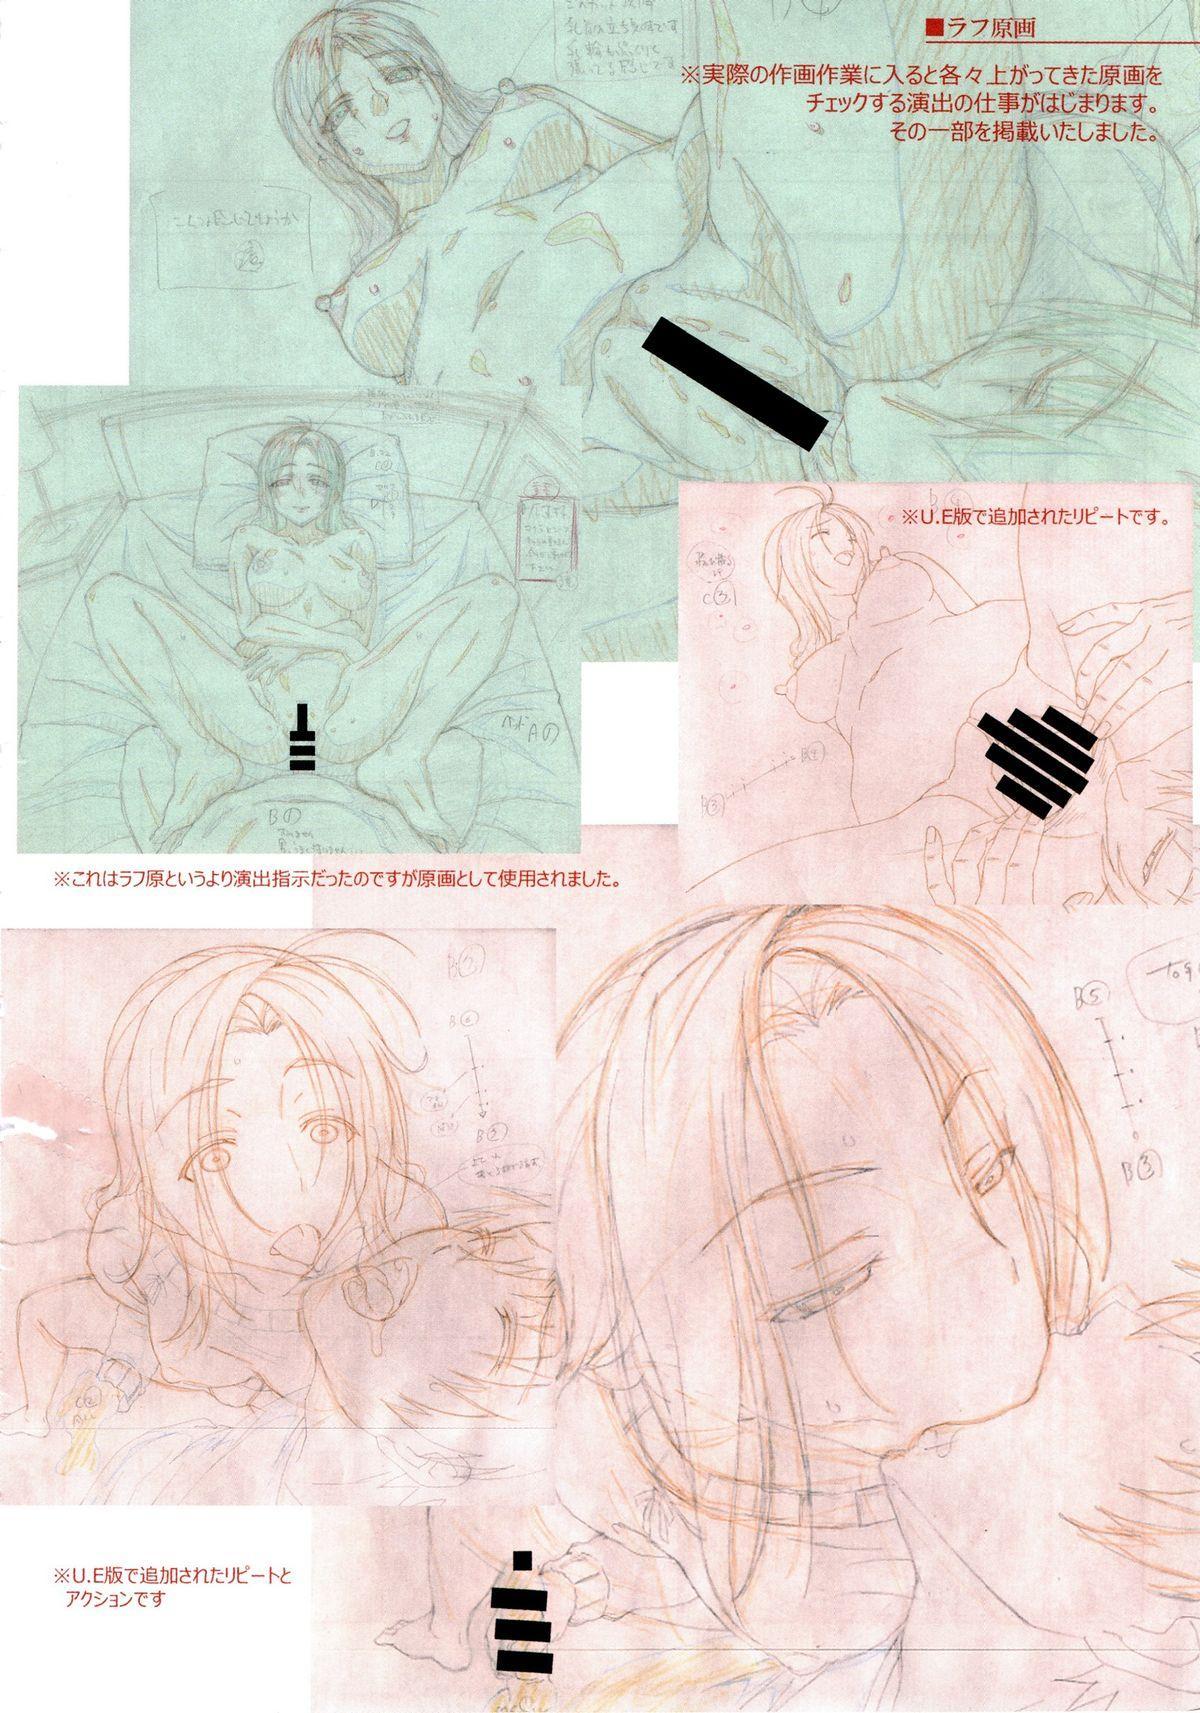 (C89) [Makino Jimusho (Taki Minashika)] SISTERS -Natsu no Saigo no Hi- H Scene All Part Storyboard (SISTERS -Natsu no Saigo no Hi-) 143